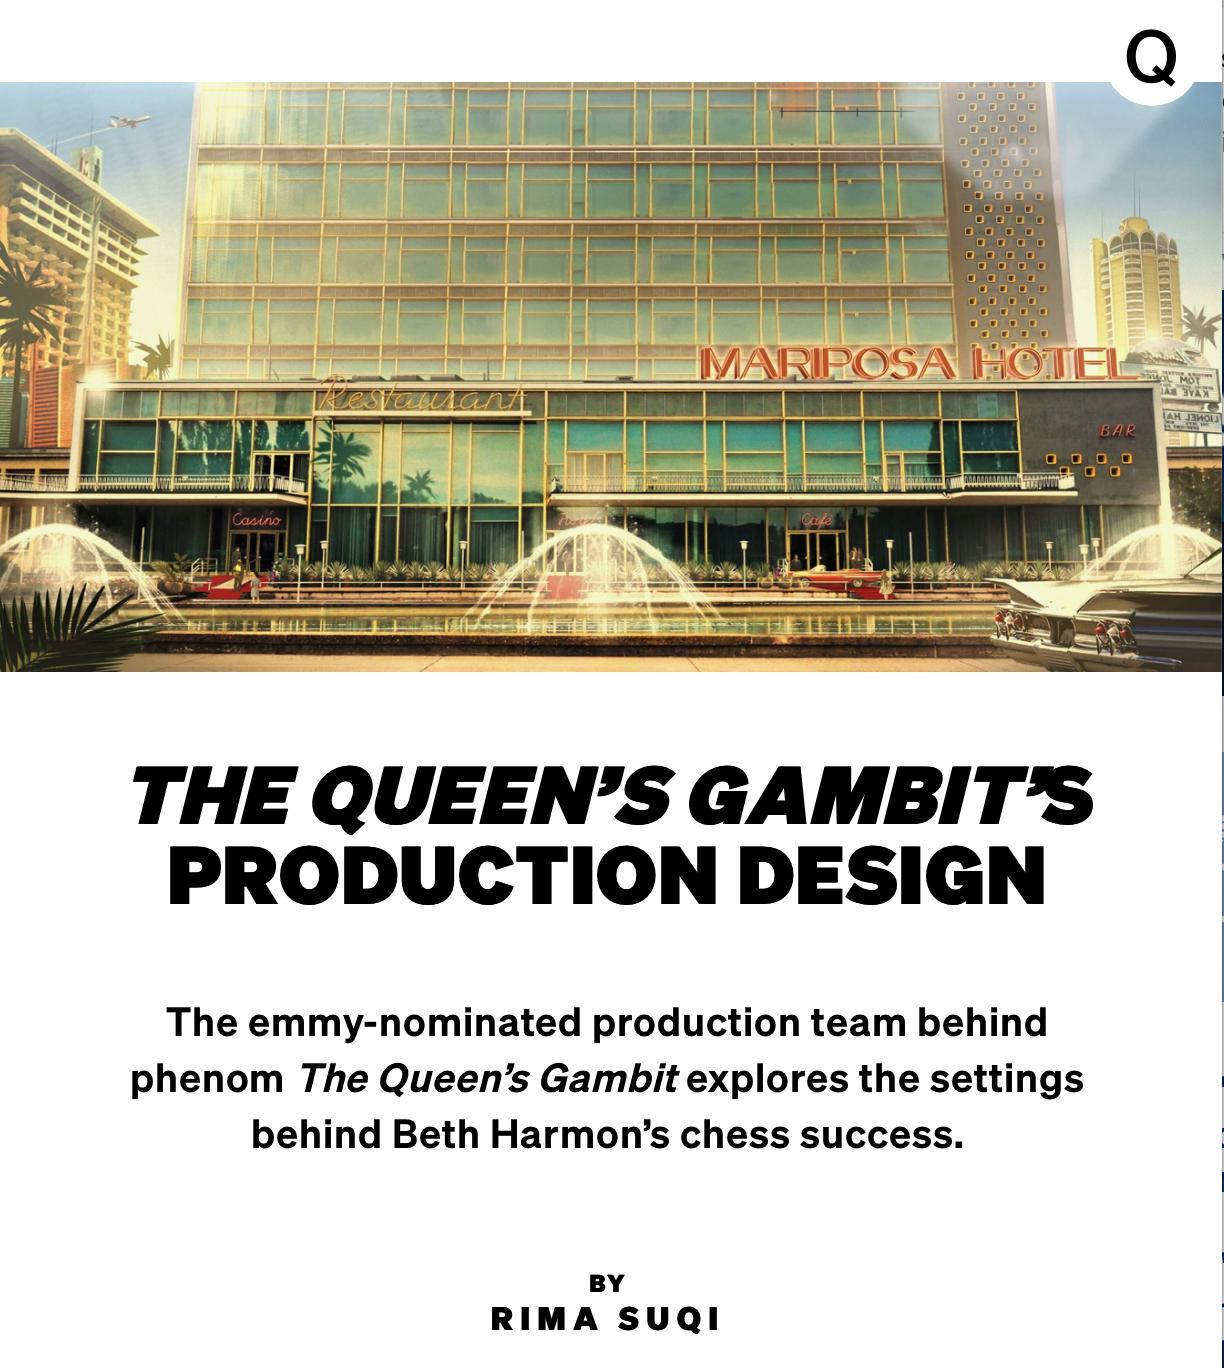 Uli Hanisch, Rima Suqi, Netflix, The QUeen's Gambit